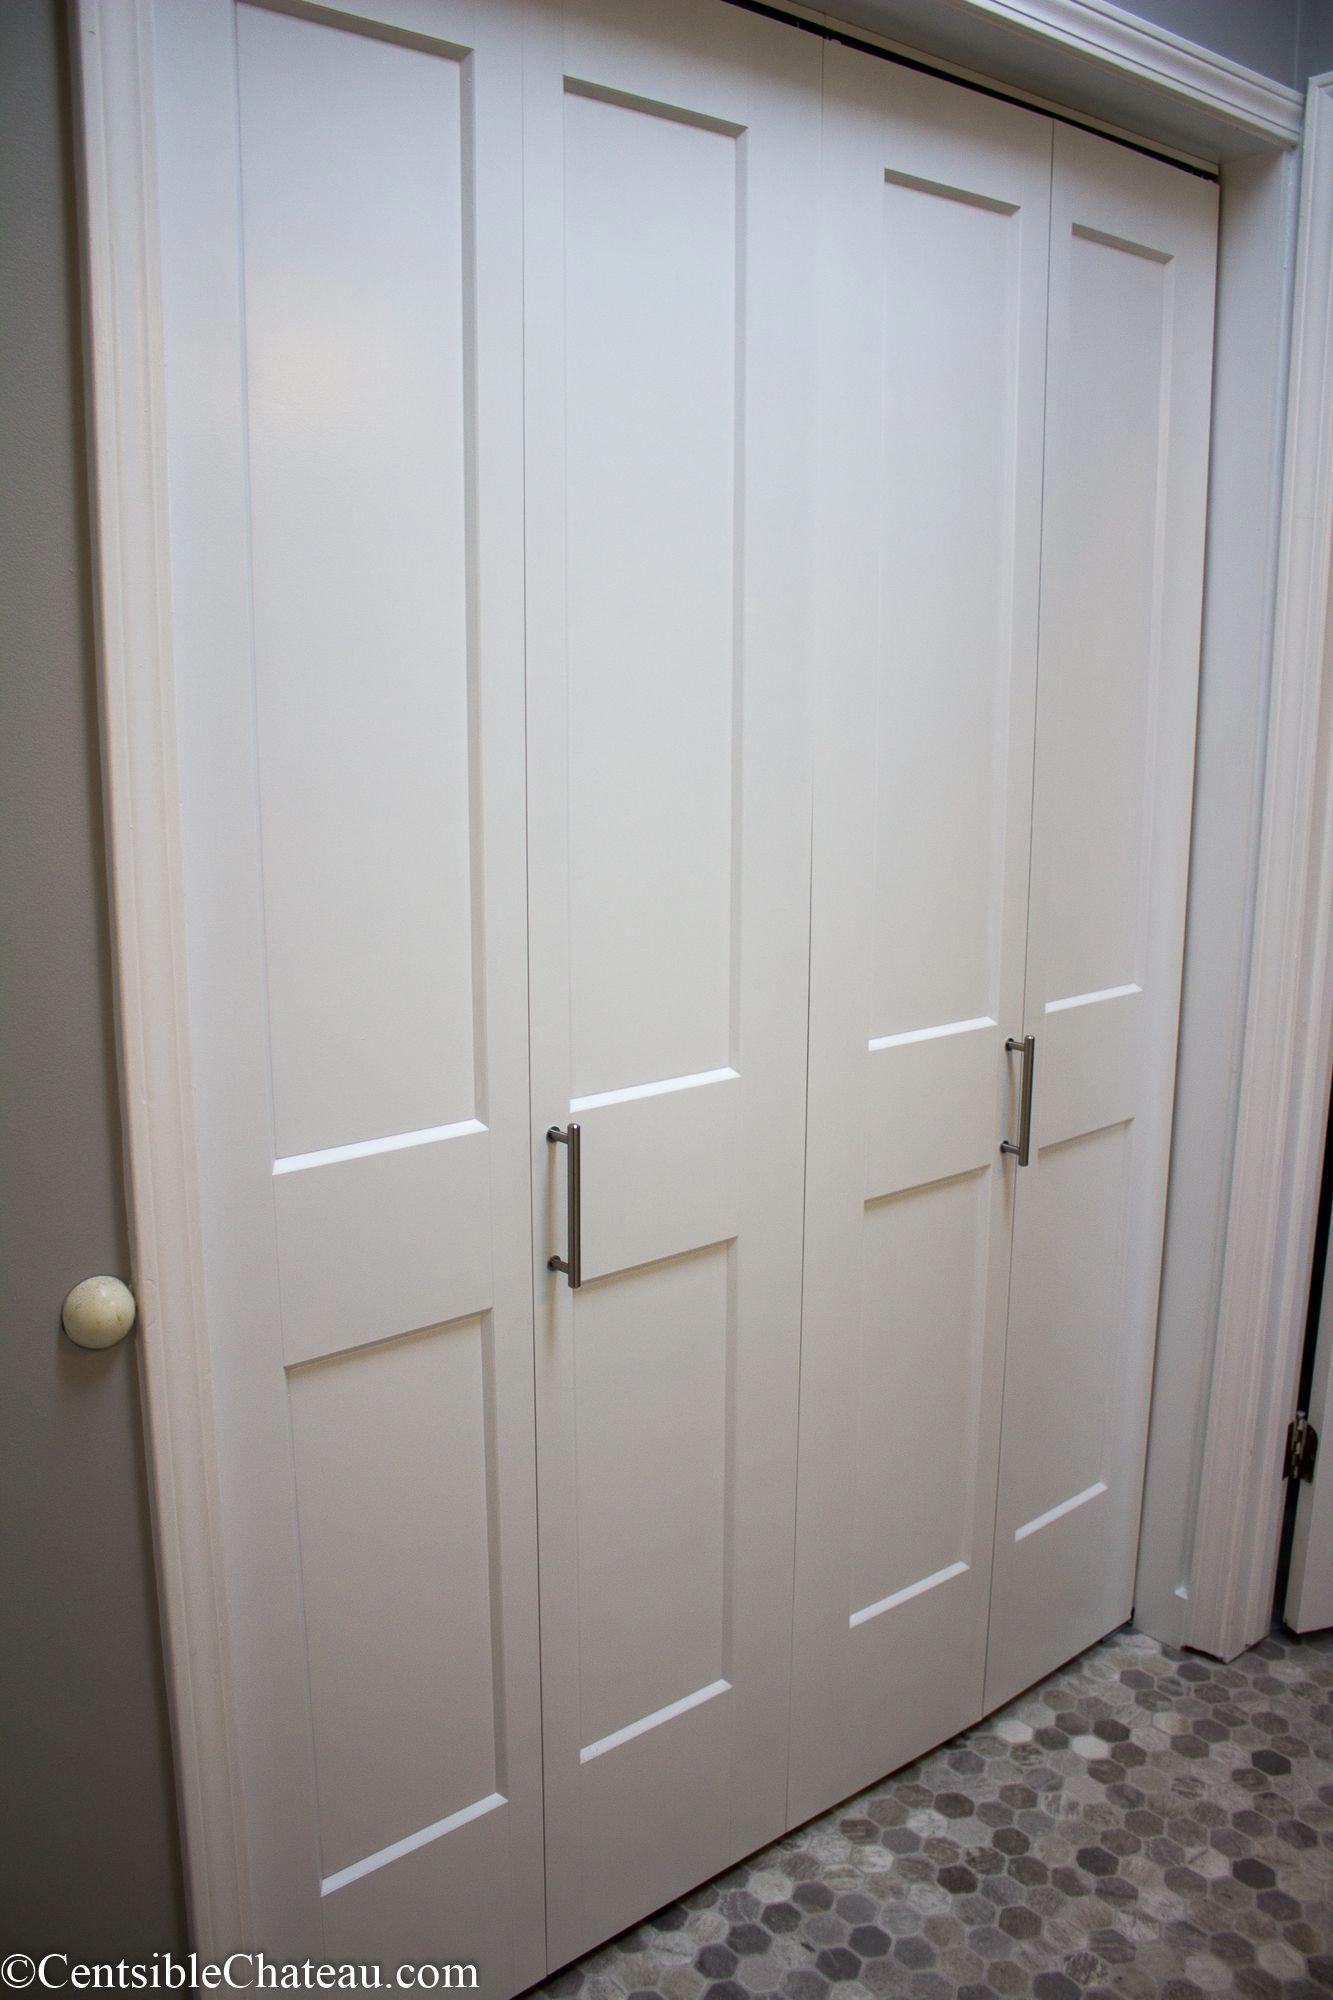 How To Easily Install Bi Fold Closet Doors Via Centschateau Bedroomcloset Bifold Closet Doors Bedroom Closet Doors Folding Closet Doors